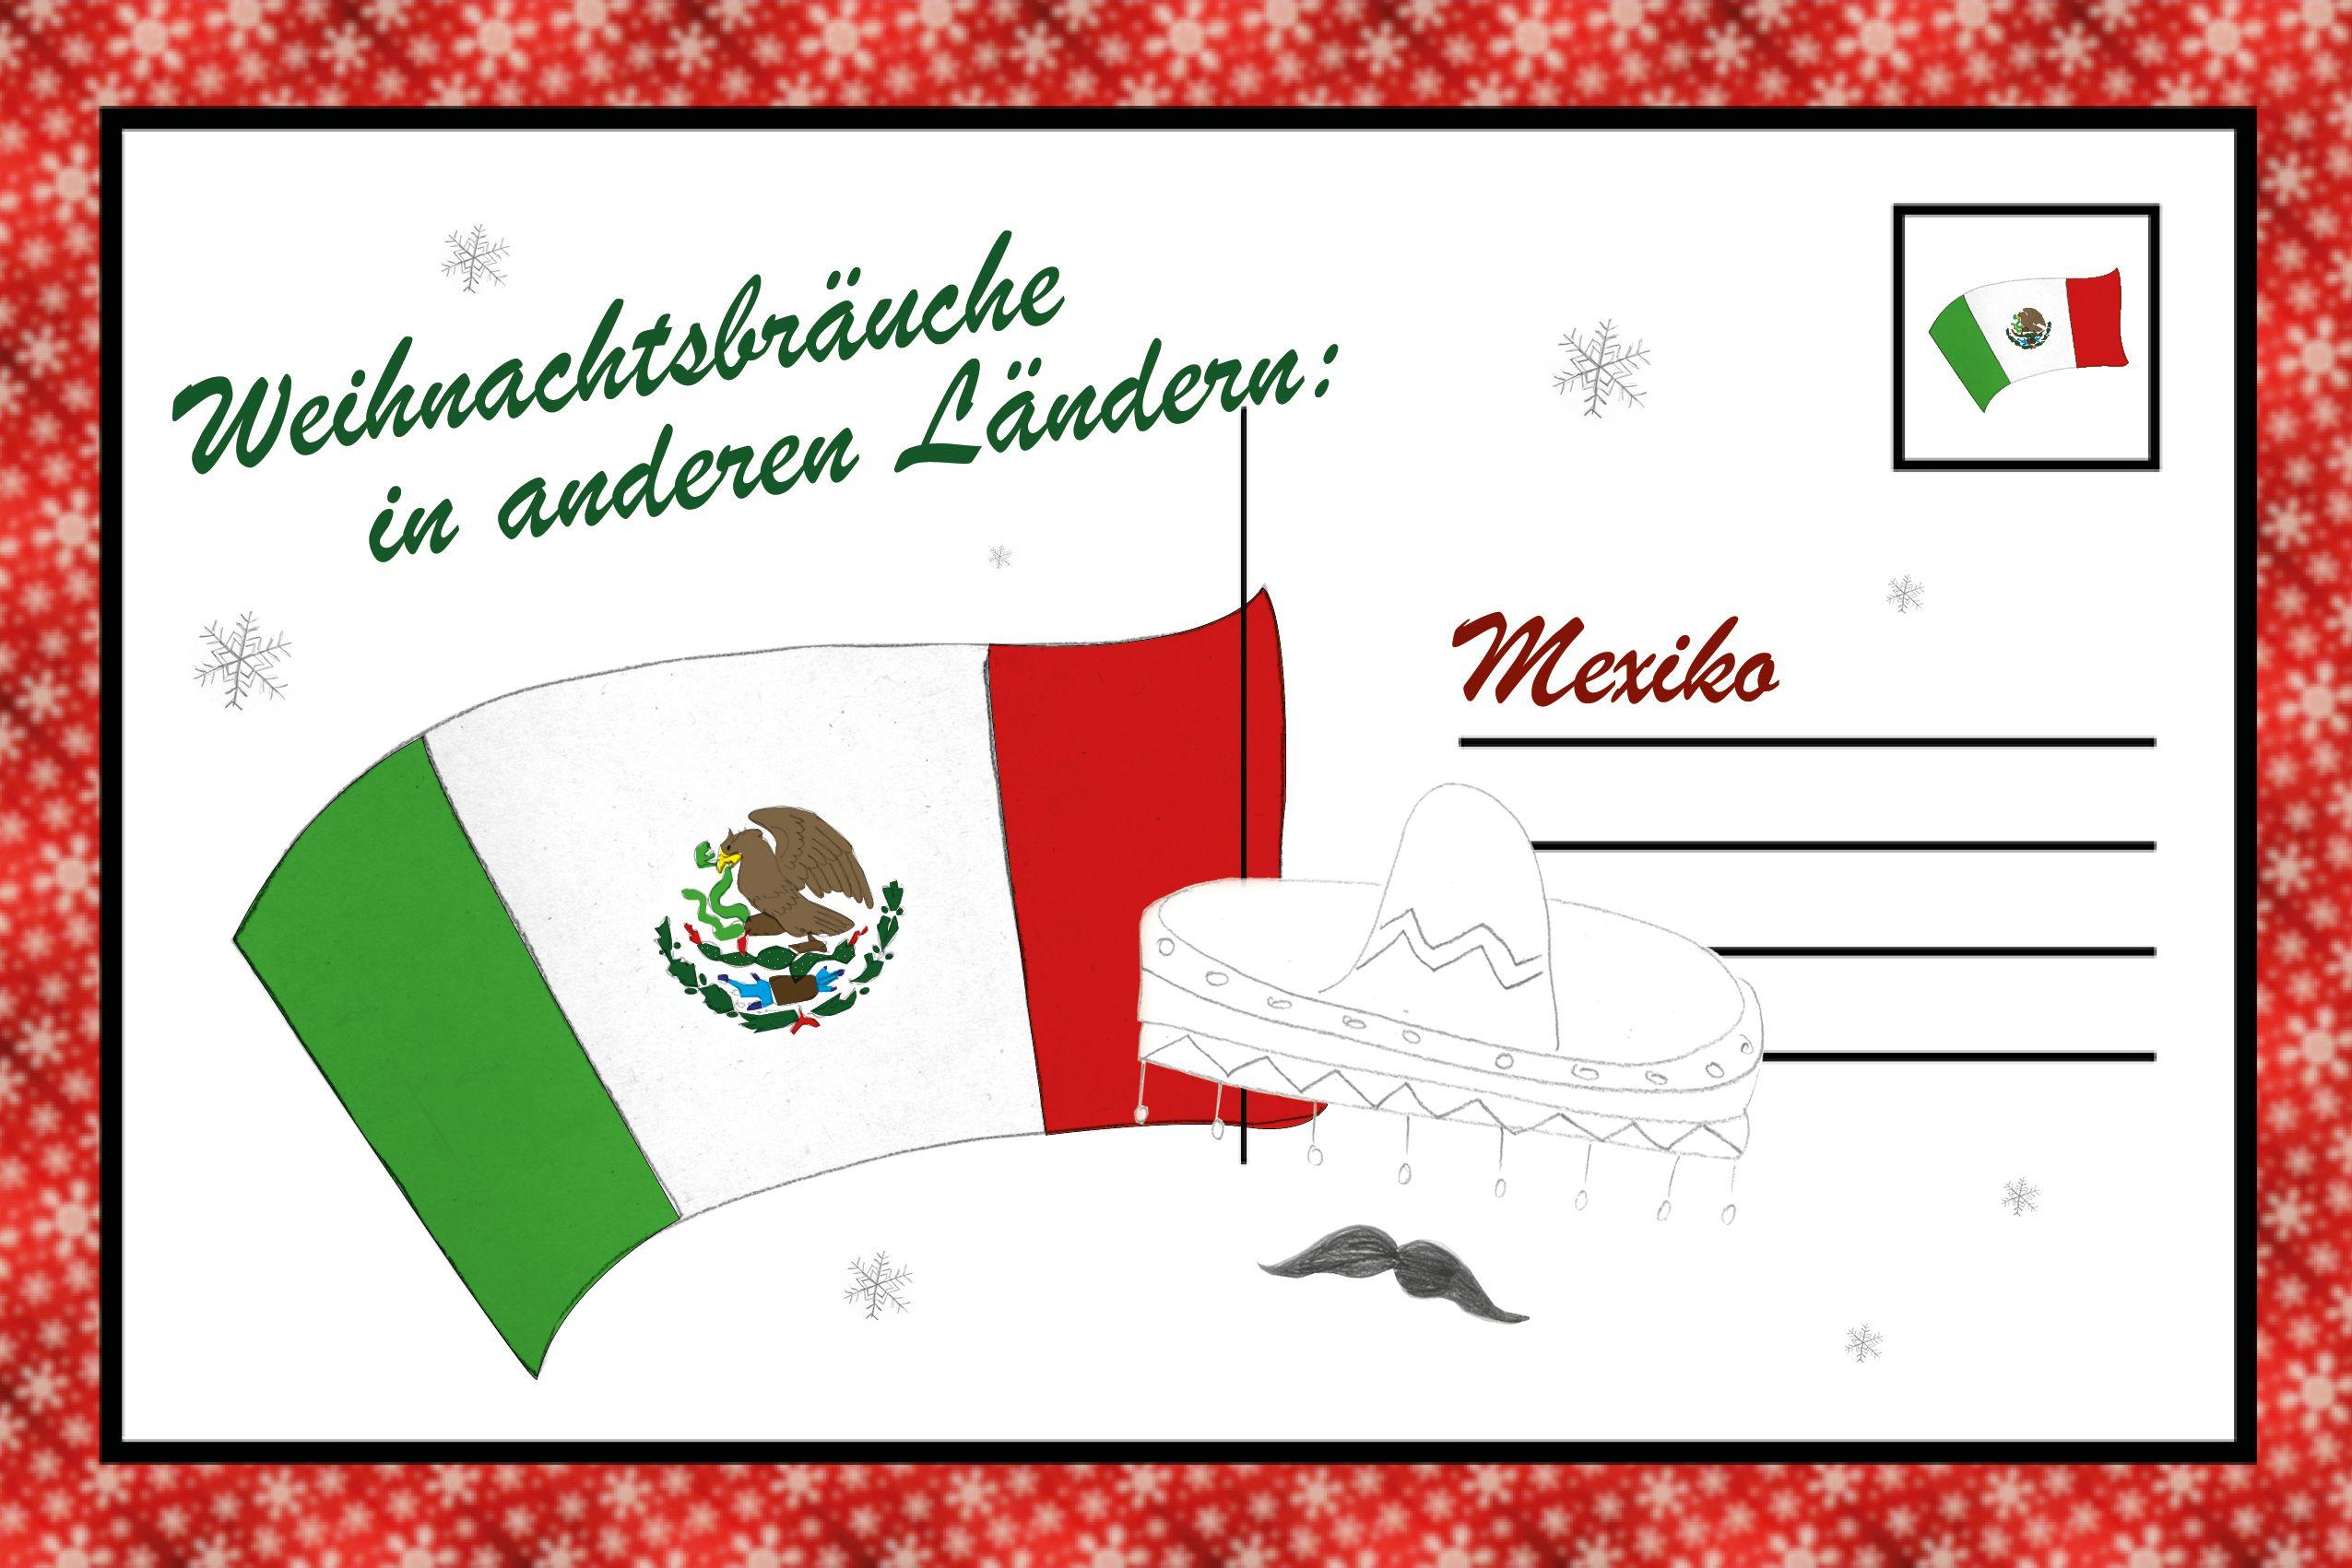 Weihnachten in anderen Ländern - MEXIKO! Ideas4parents